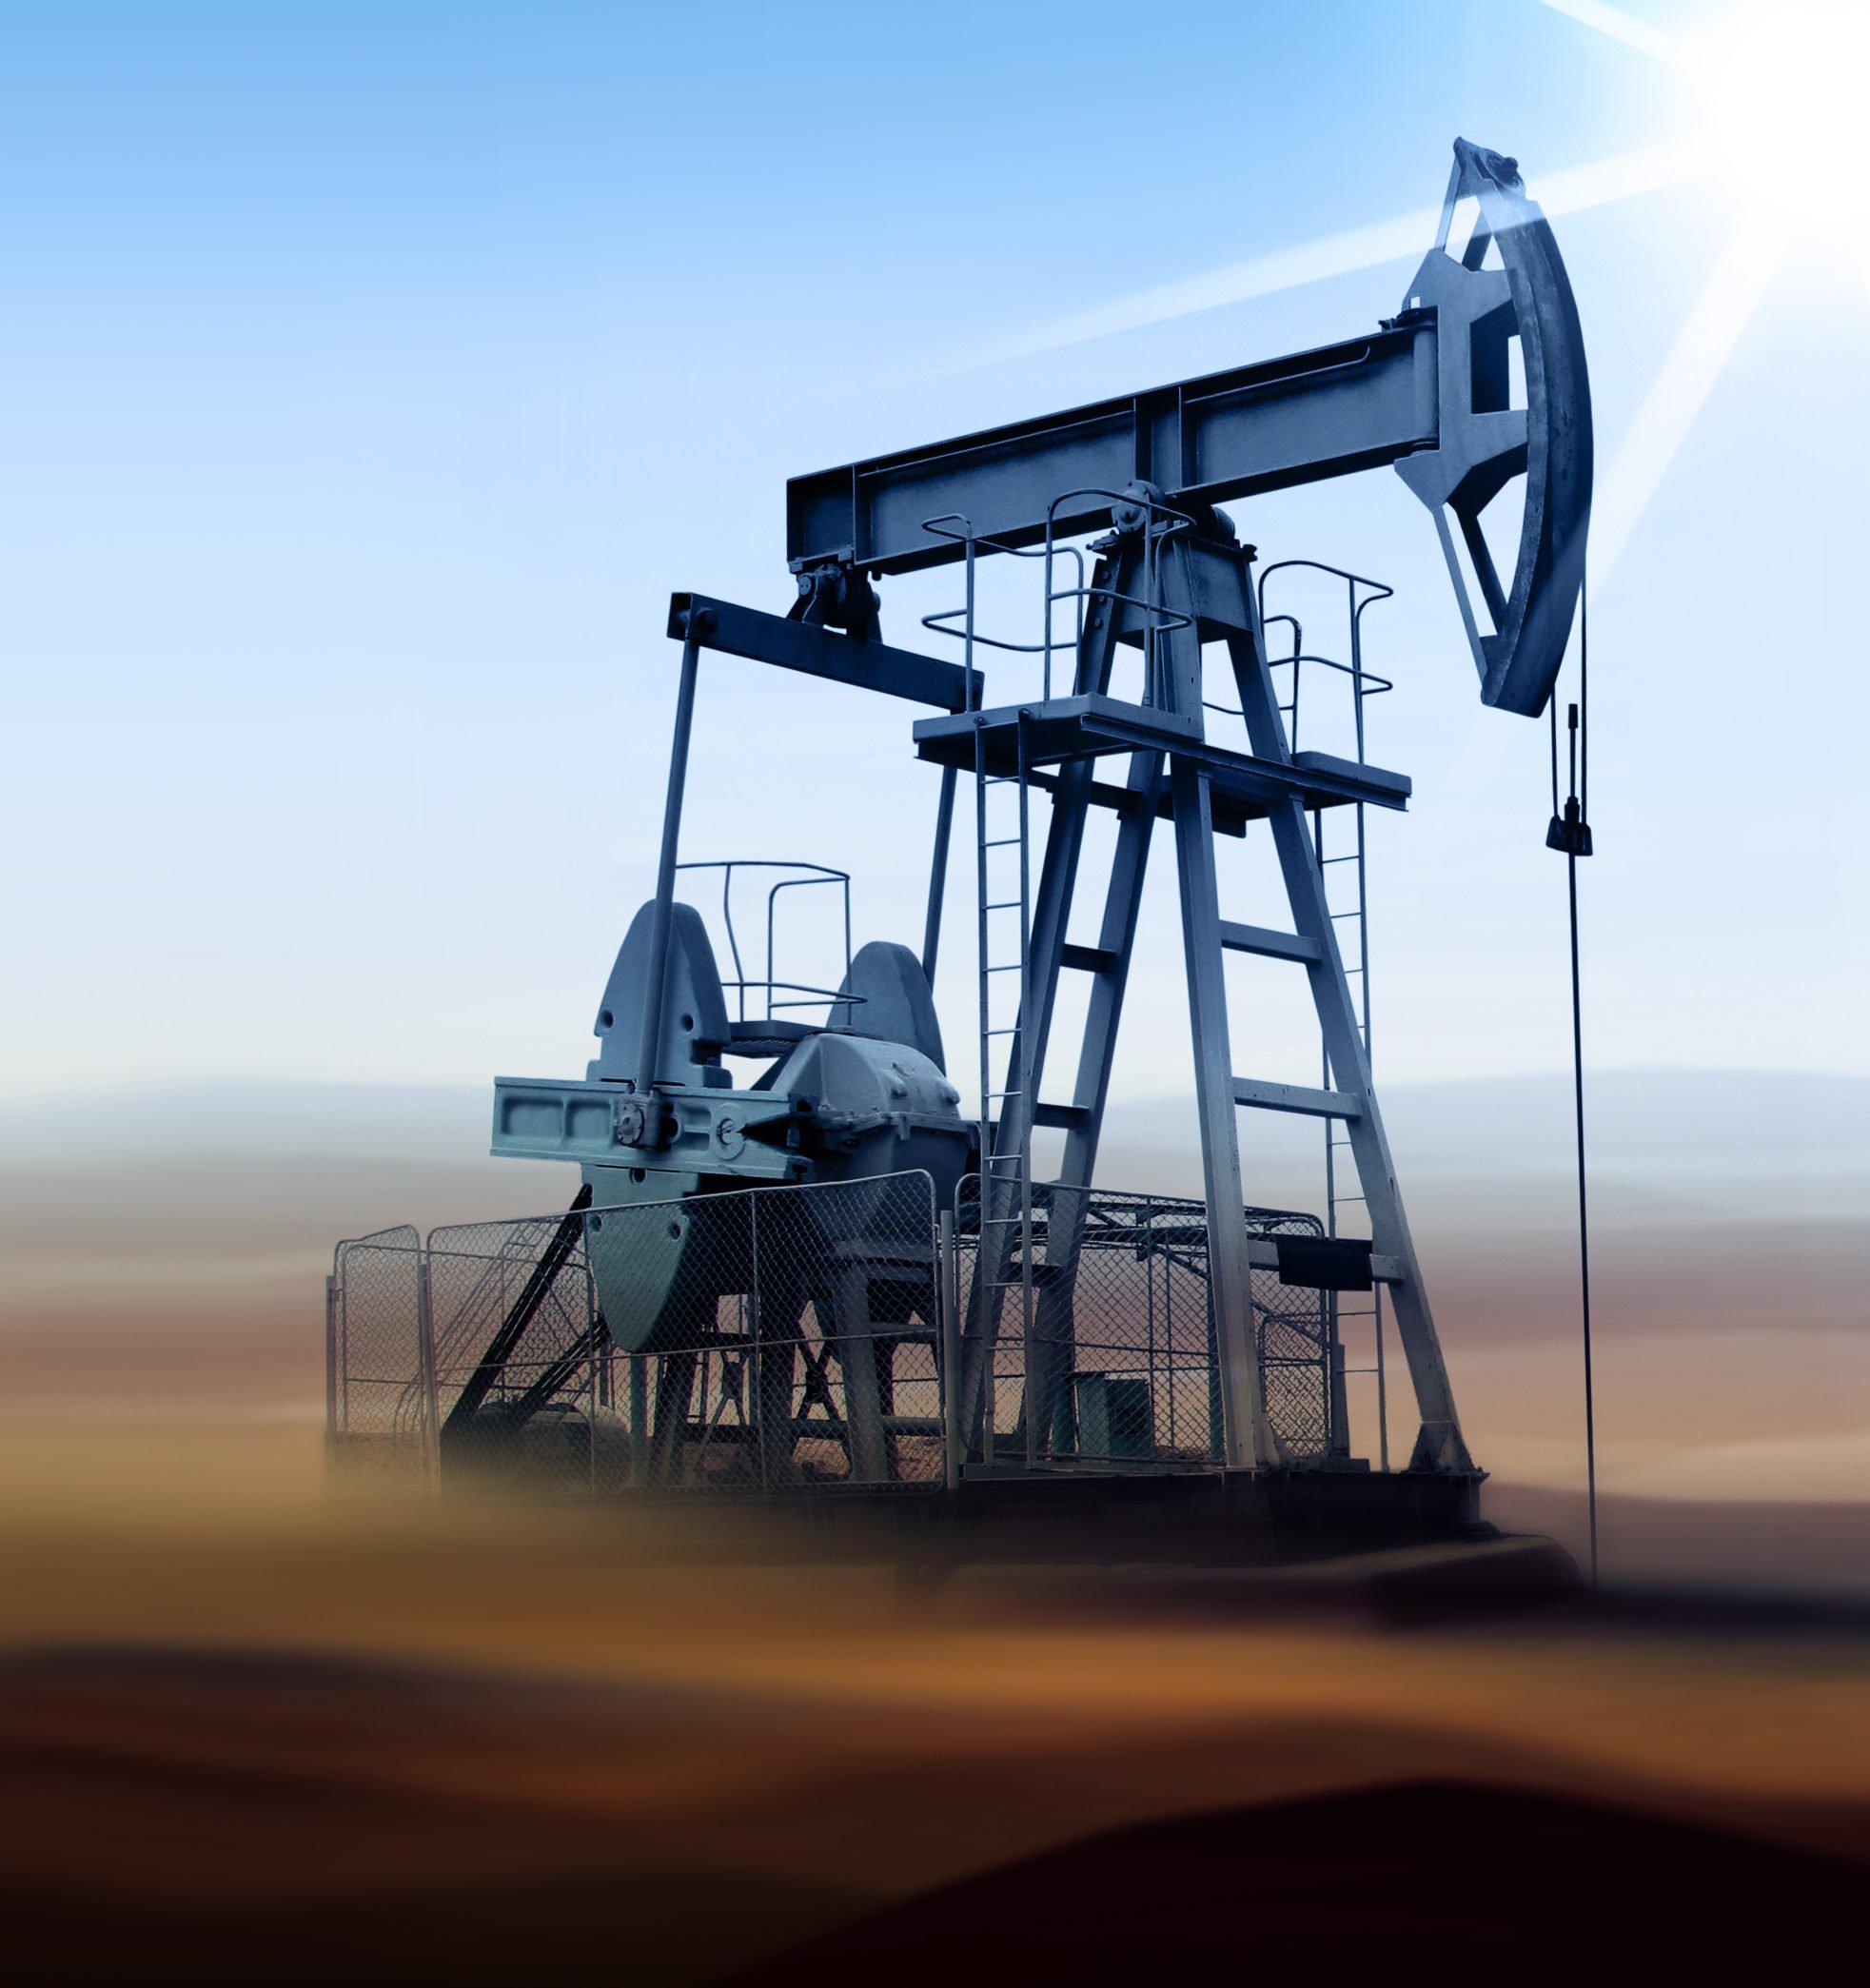 توقعات بأن تتراوح أسعار النفط بين 60 إلى 70 دولاراً للبرميل منتصف عام 2019